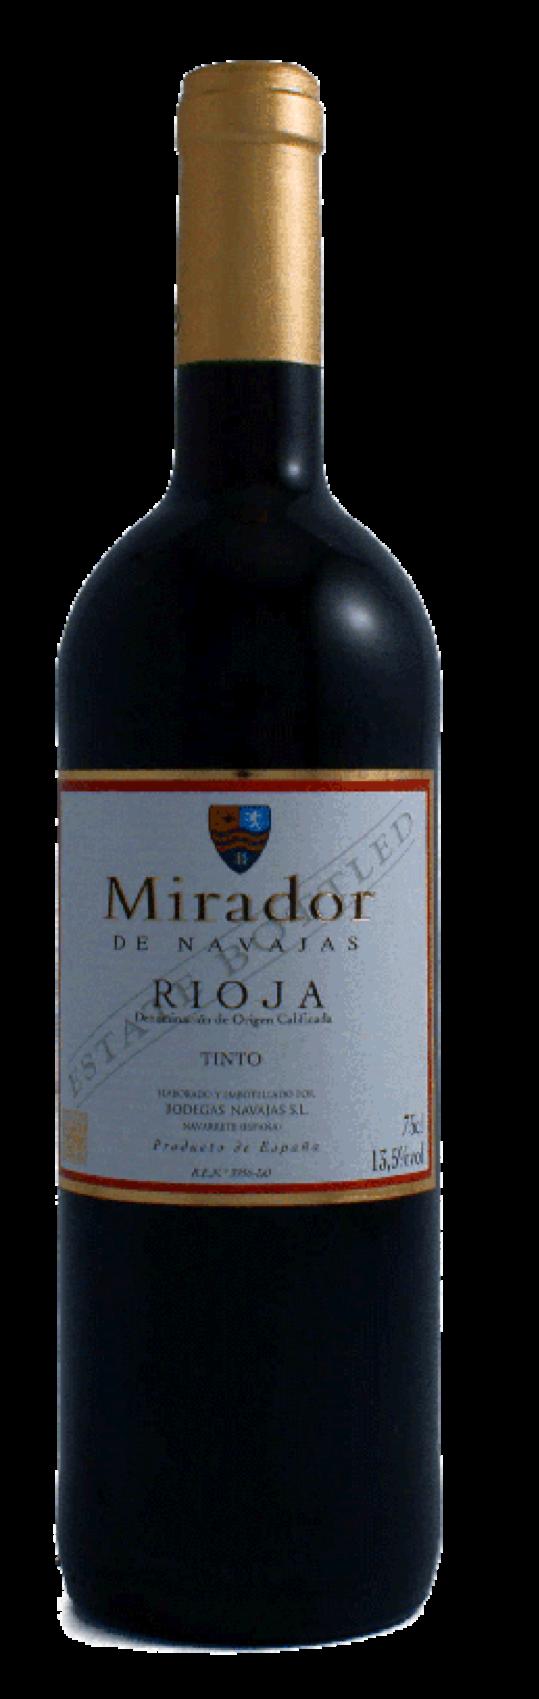 Mirador de Navajas, Rioja Tinto DO, 2018